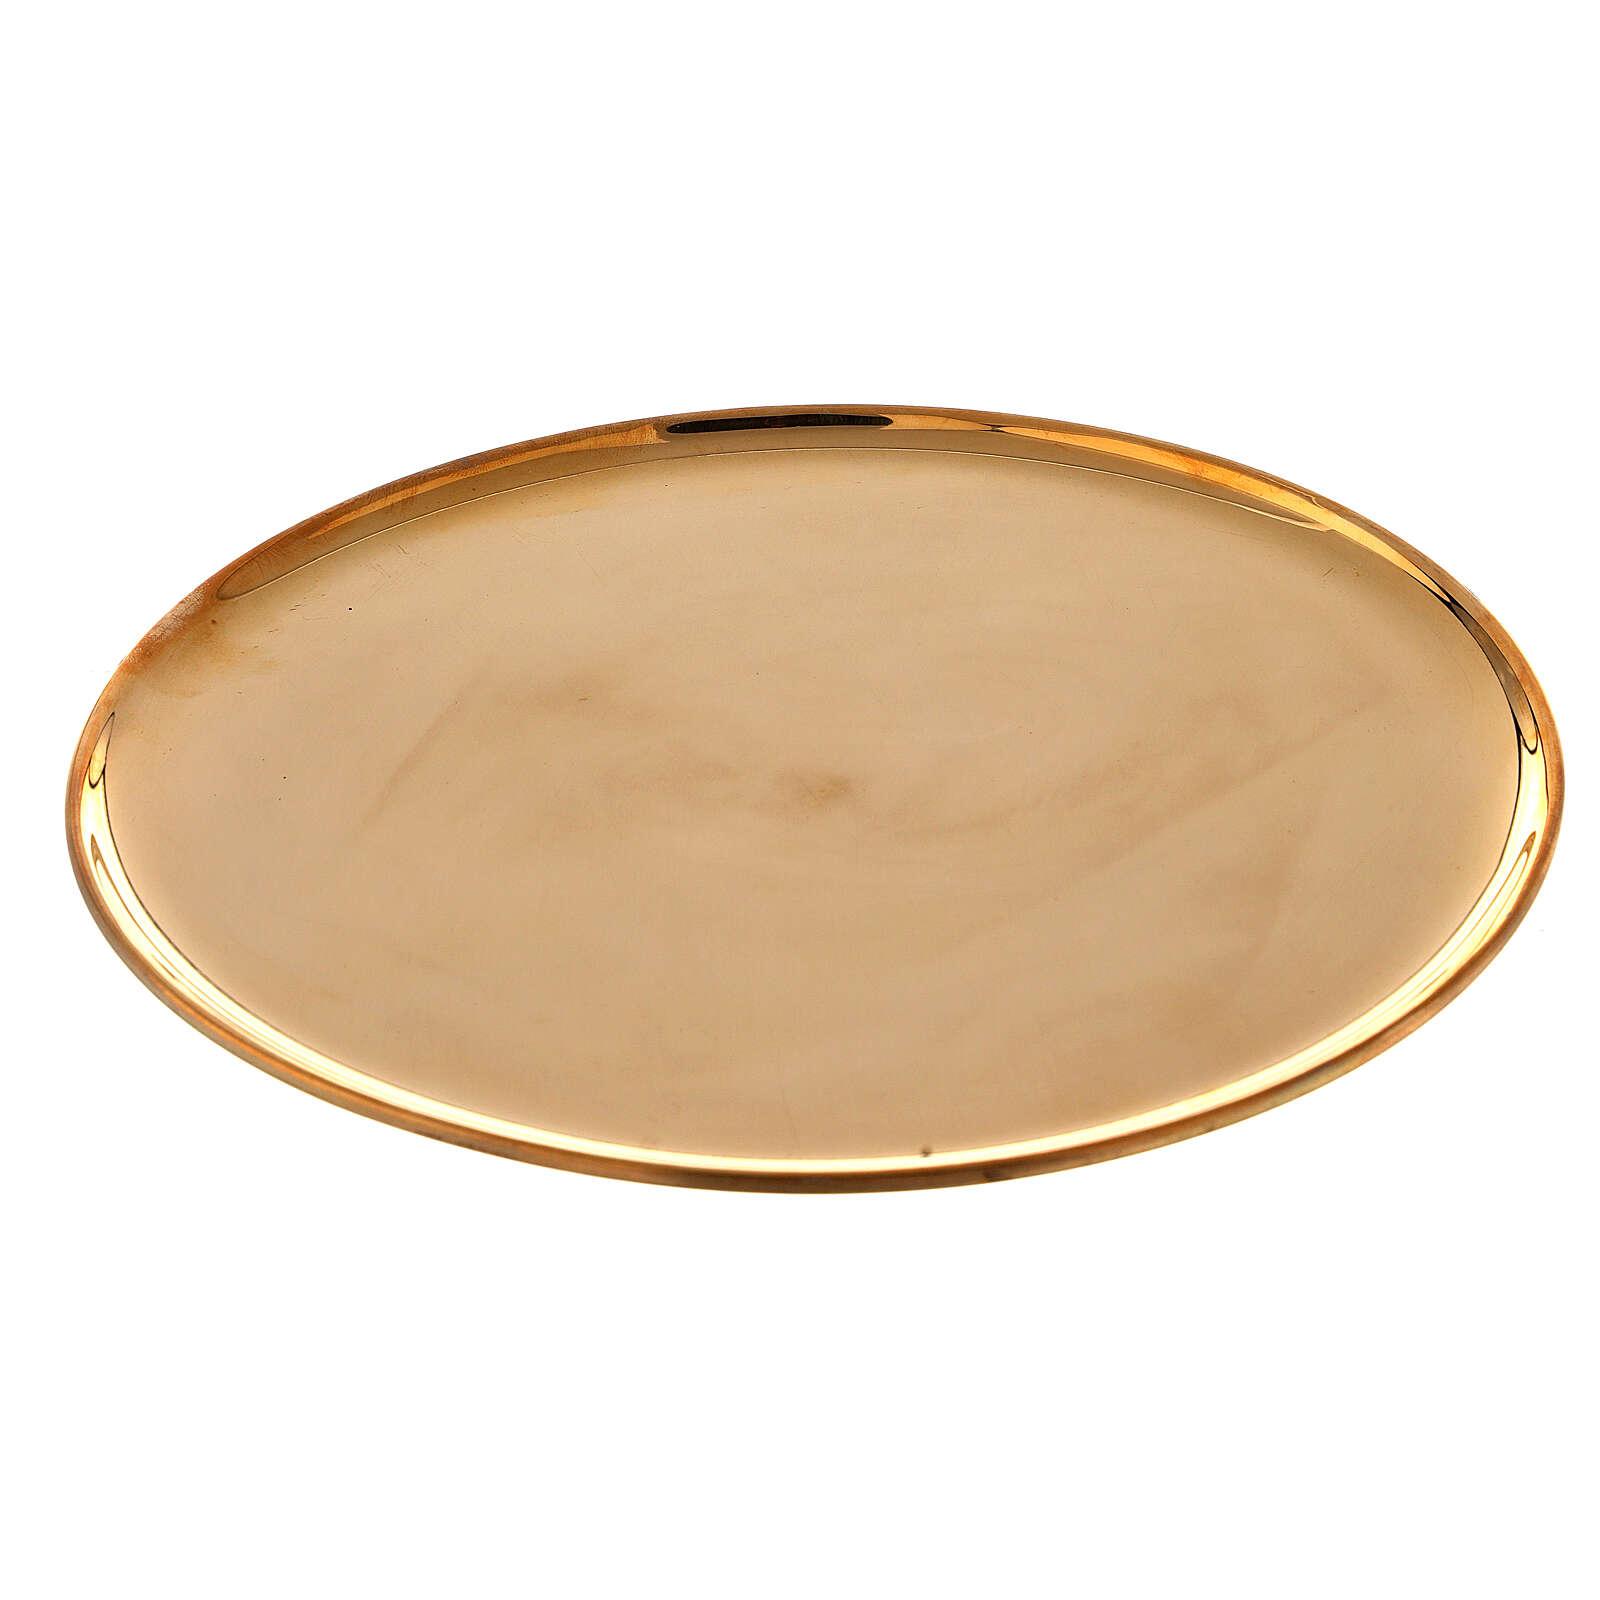 Piatto portacandela ottone dorato lucido tondo 21 cm 3